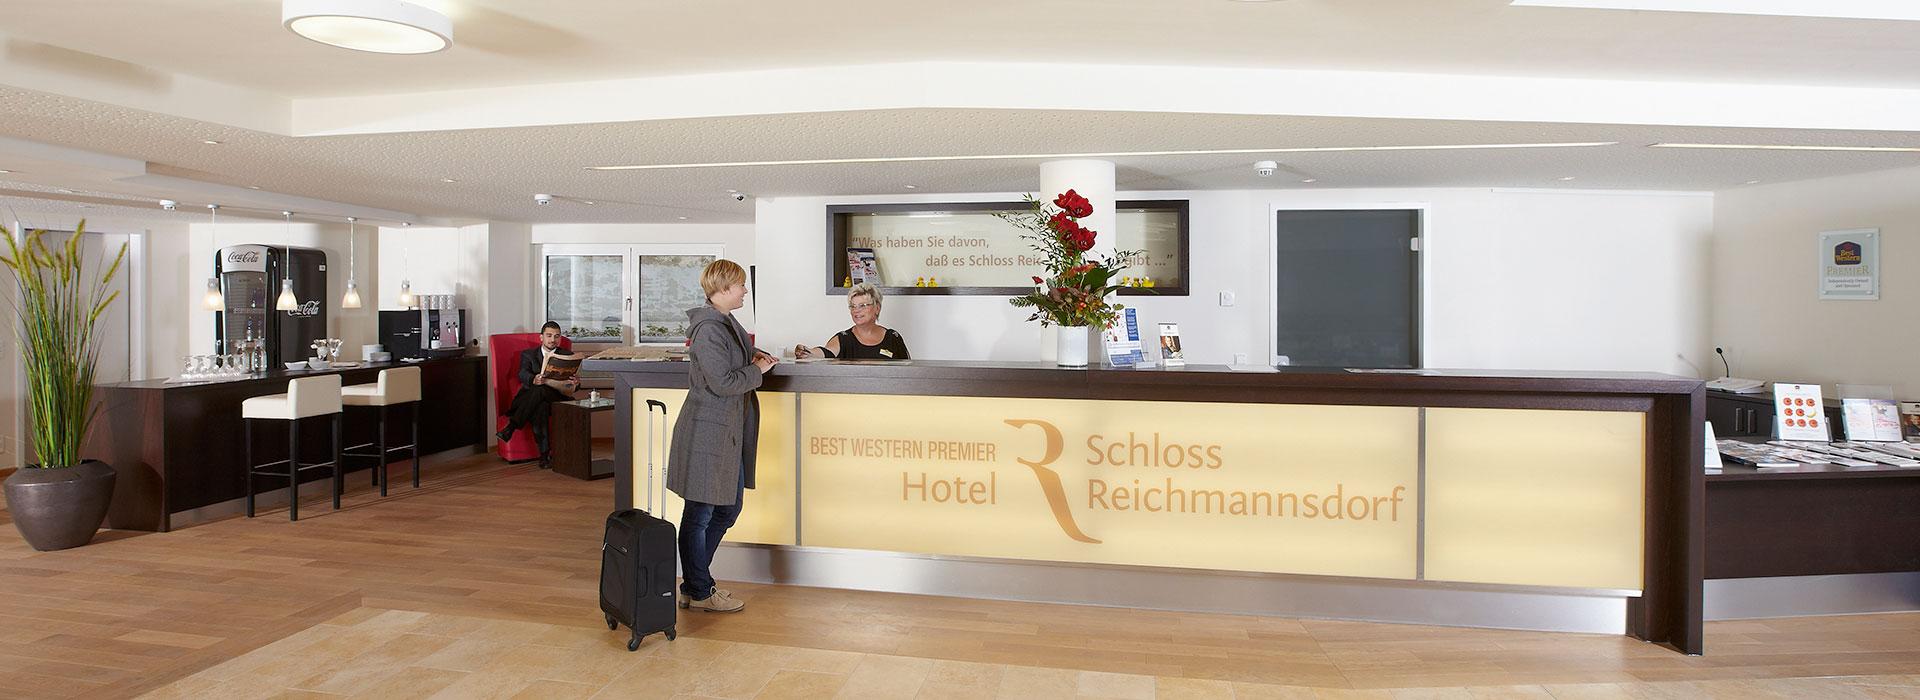 Best Western Schloss Reichmannsdorf